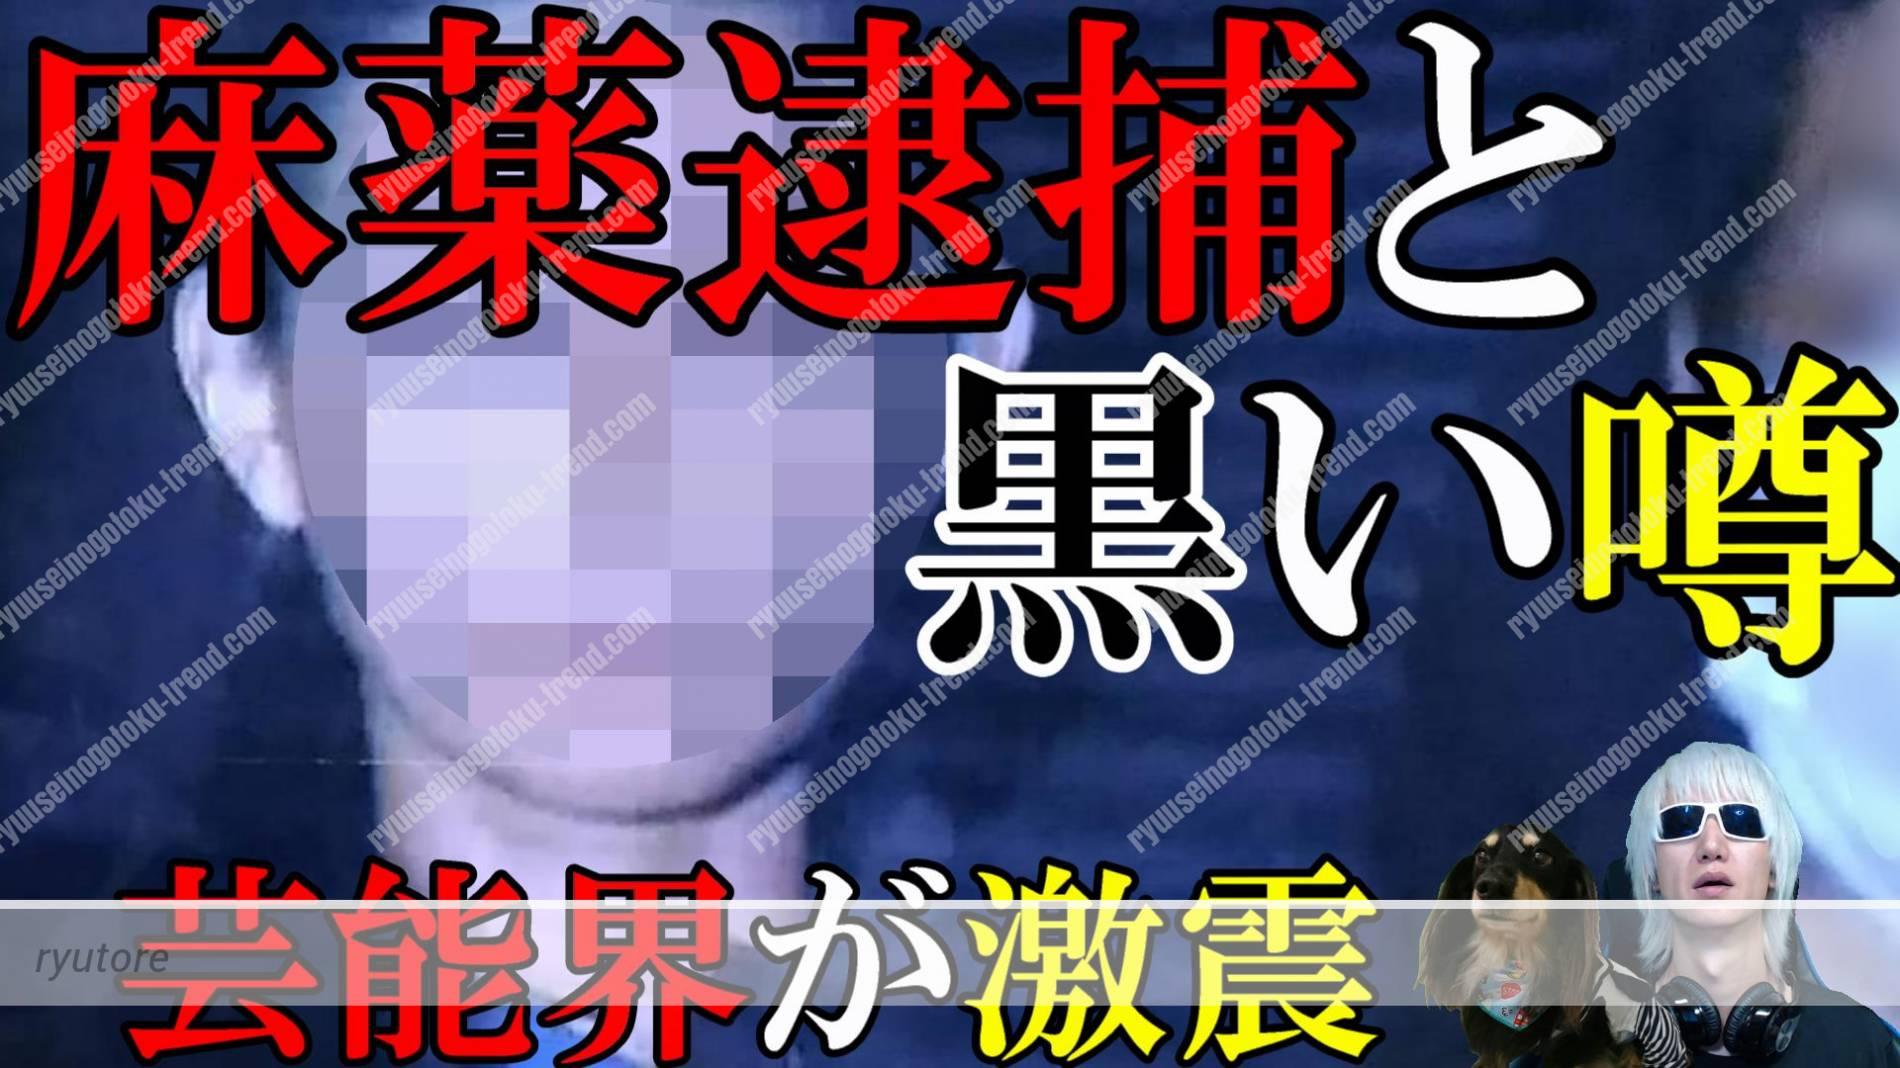 田口淳之介と共に大麻所持で逮捕[令和TV闇ニュース](CM 麻薬 AC)